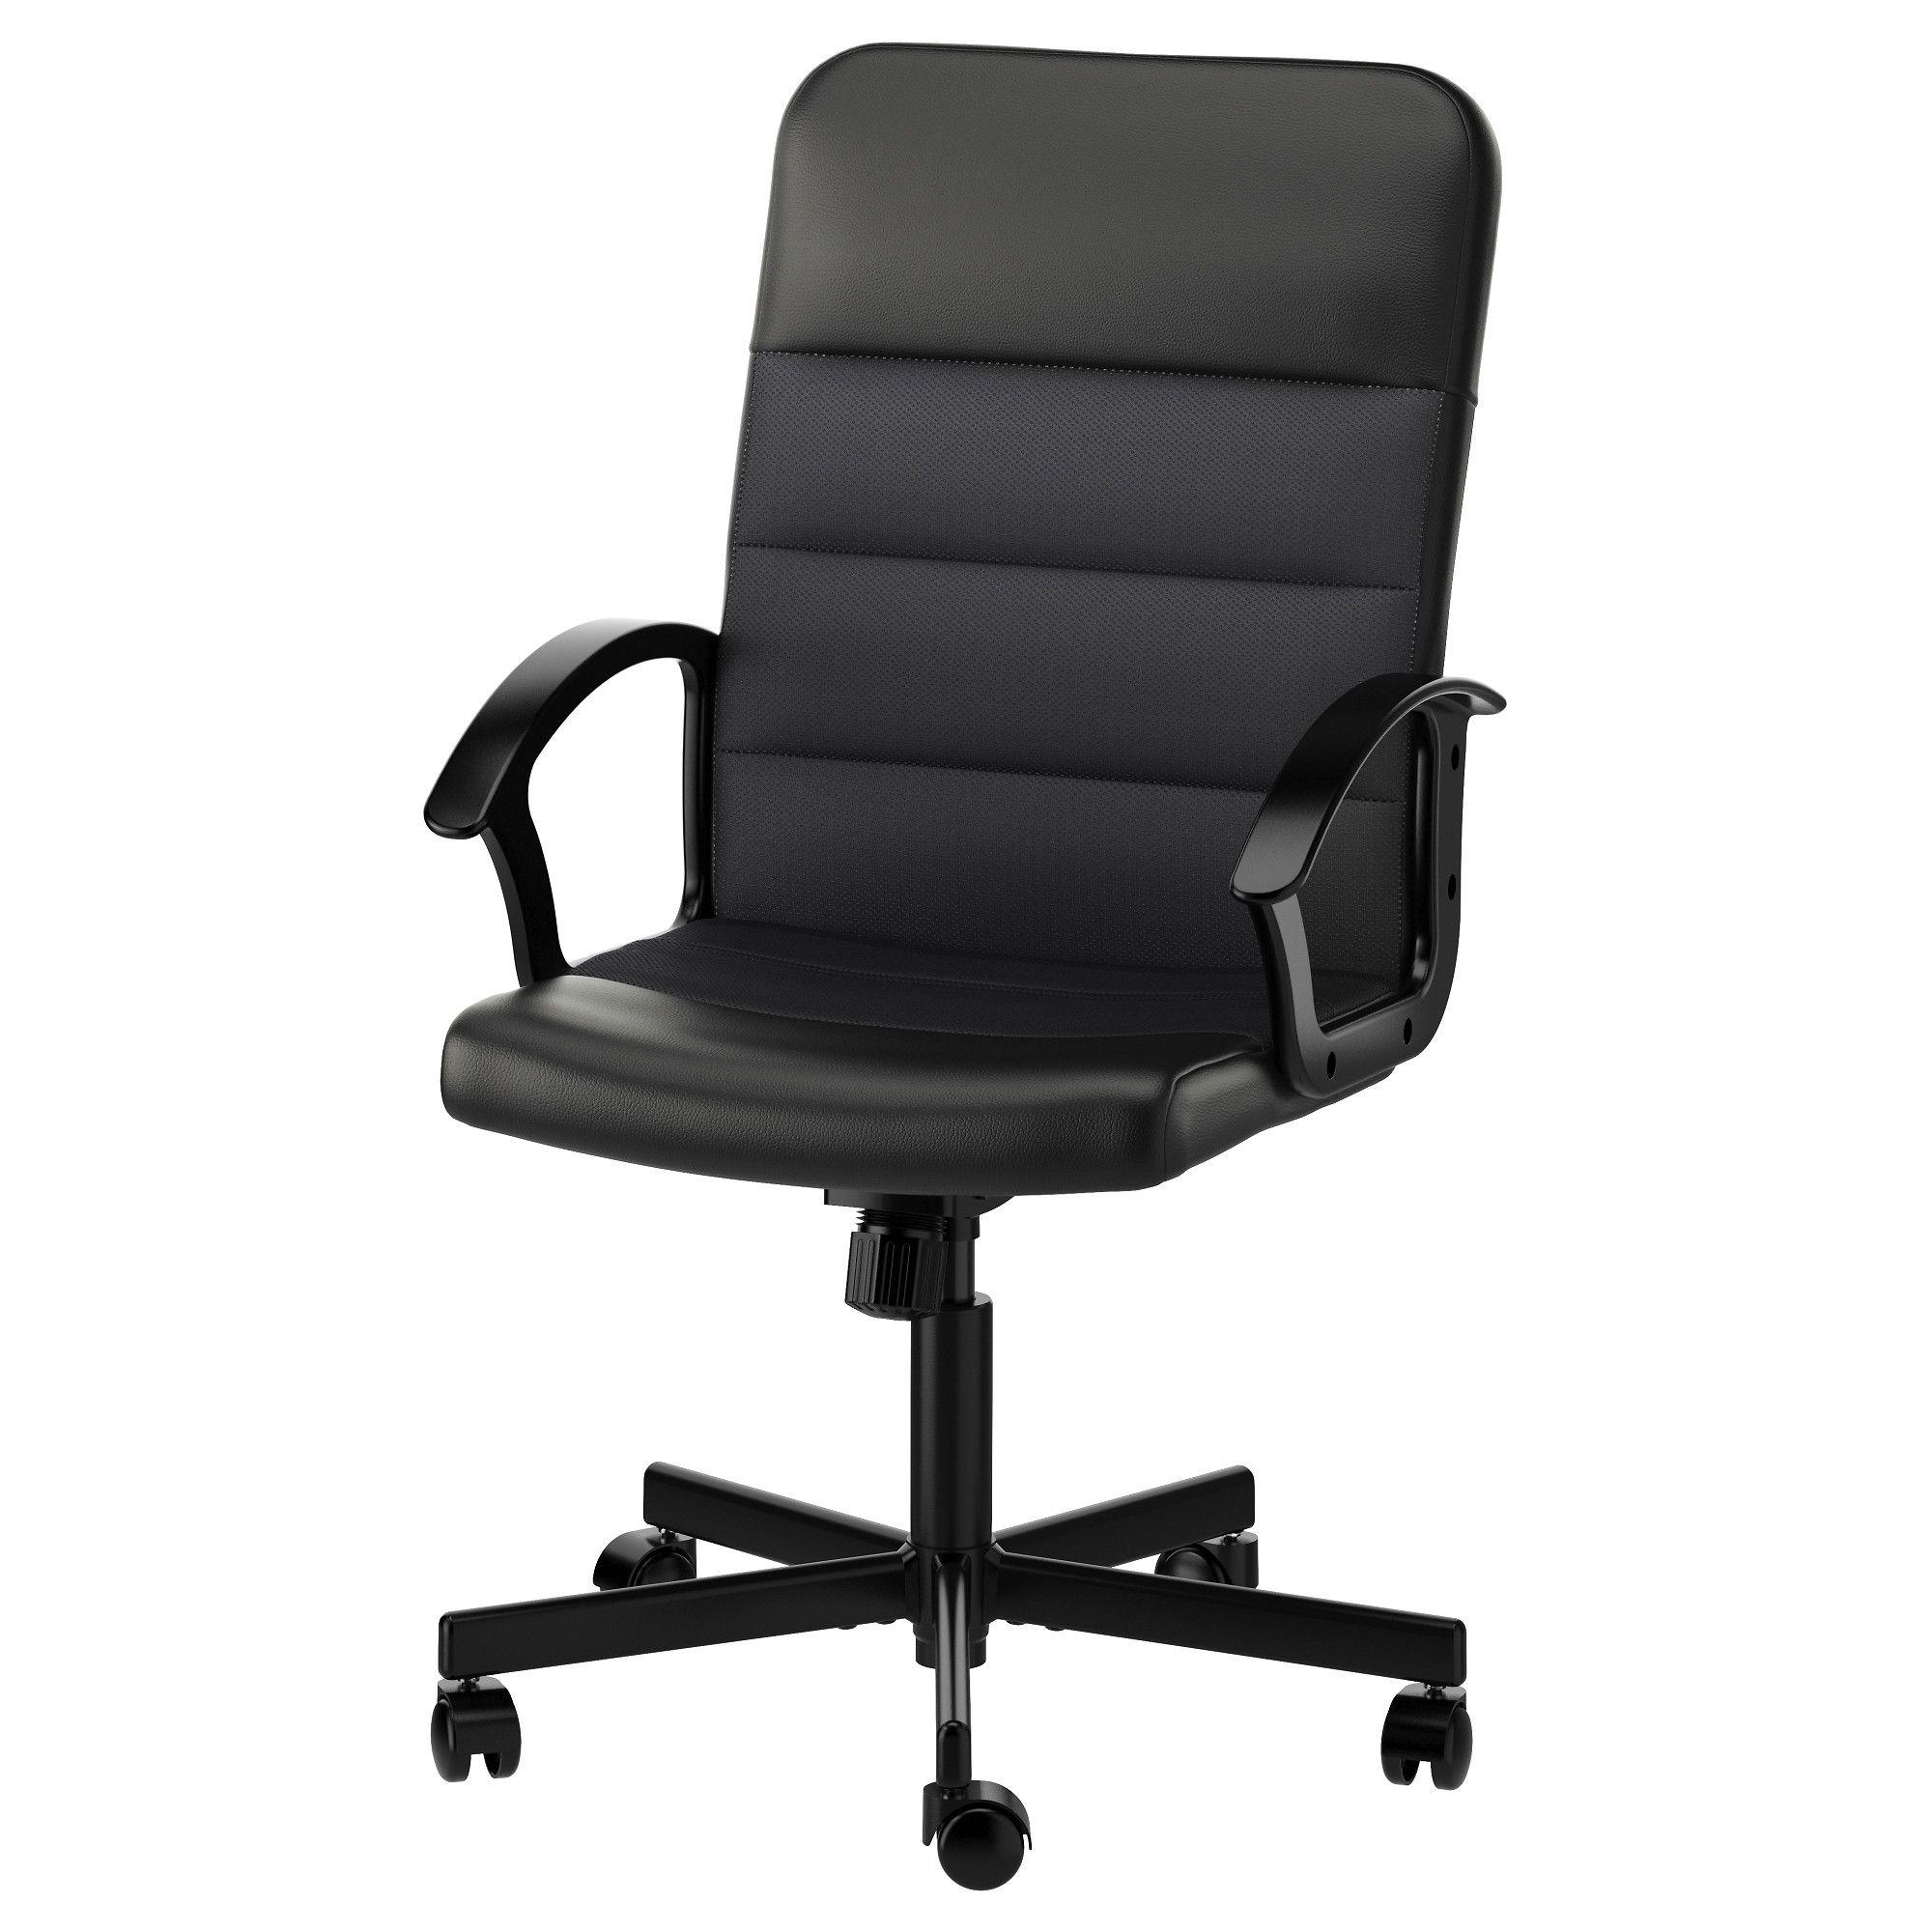 Ikea Renberget Swivel Chair This Desk Has Adjule Tilt Tension That